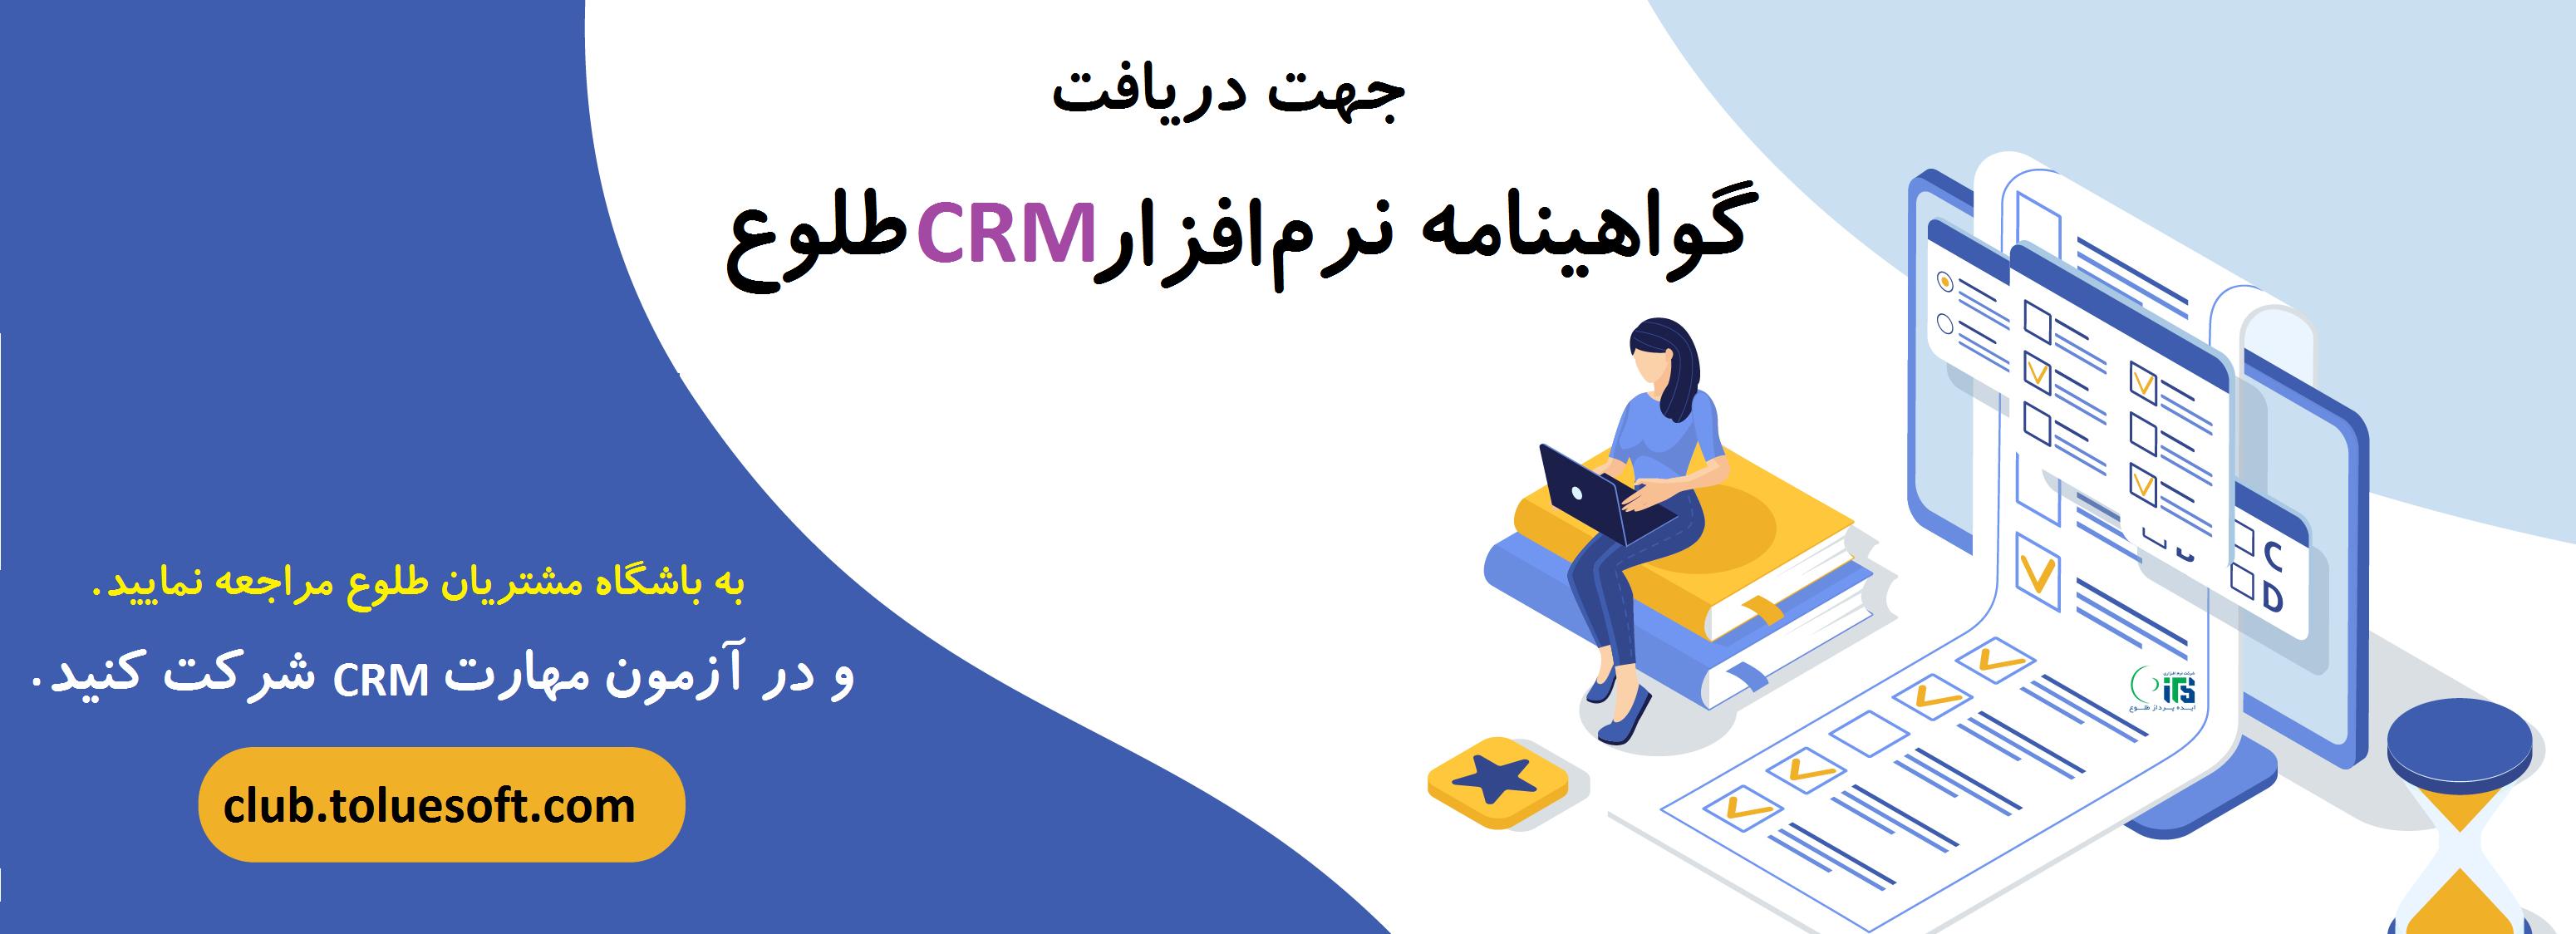 دریافت گواهینامه کار با نرم افزار CRM طلوع